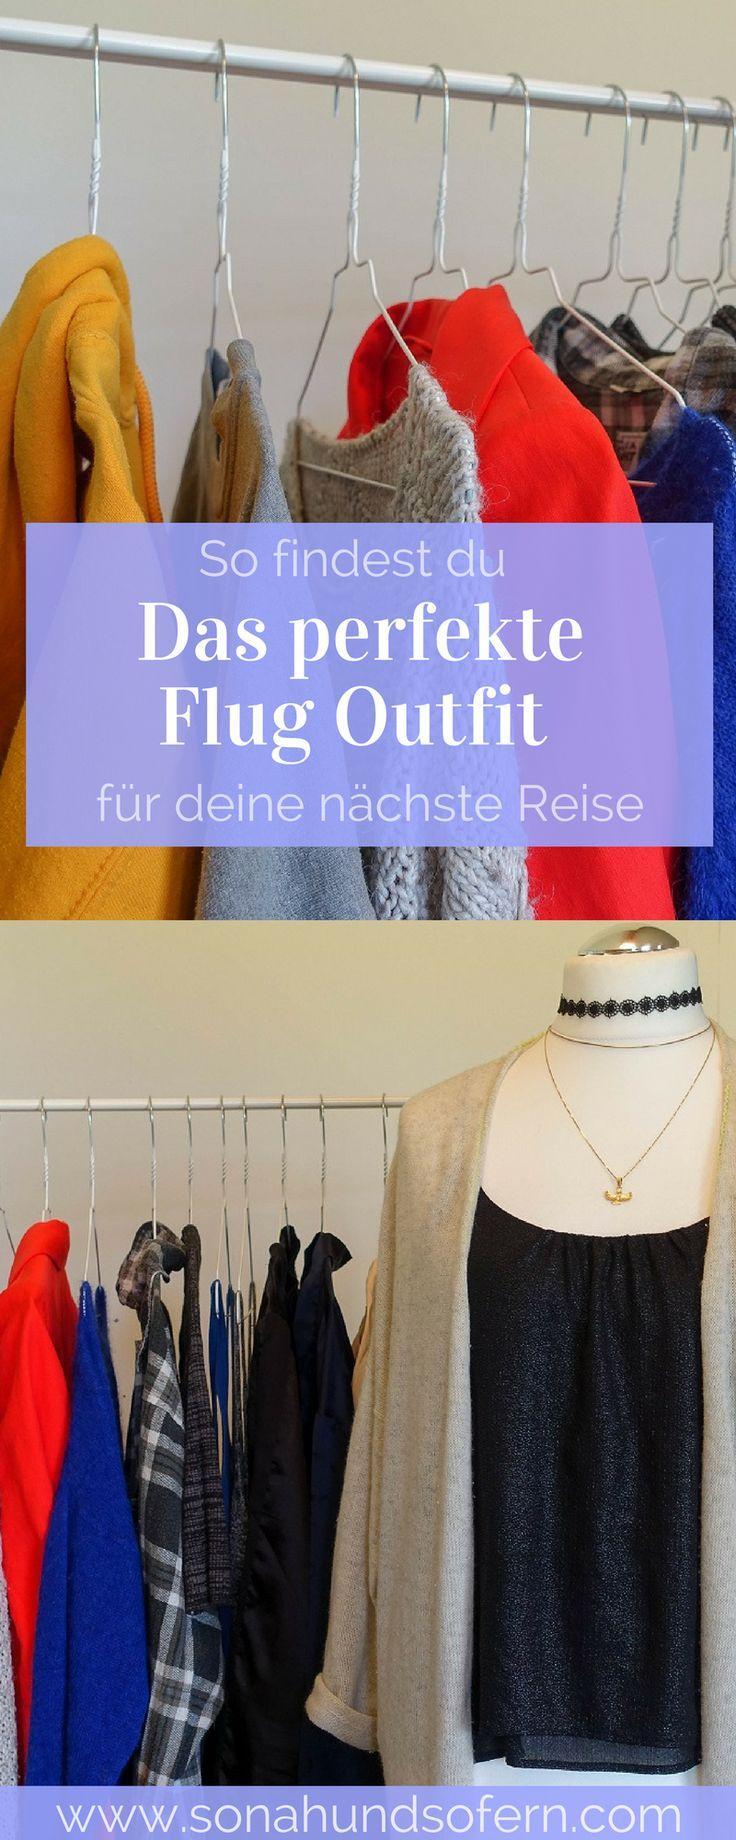 So findest du das perfekte Flug Outfit für deine nächste Reise. Die besten Tipps & Hacks für Kleidung auf den Weg in den Urlaub.